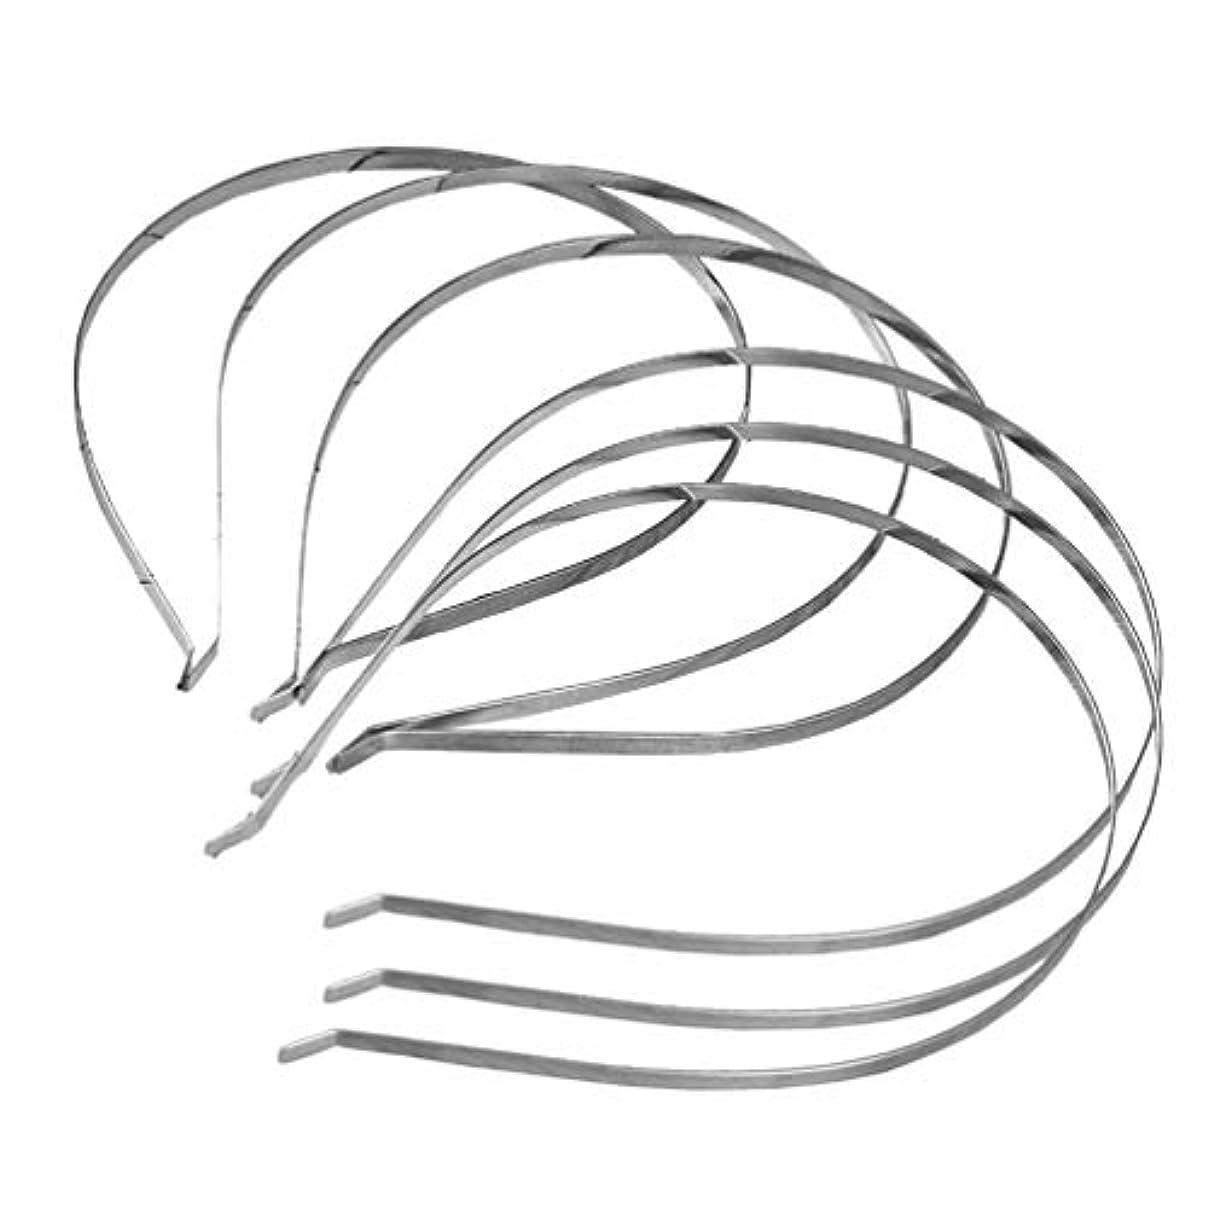 インストール推定する平凡Lurrose 6個のメタルヘアフープヘッドバンド男性女性スポーツ帽子ヘアアクセサリー